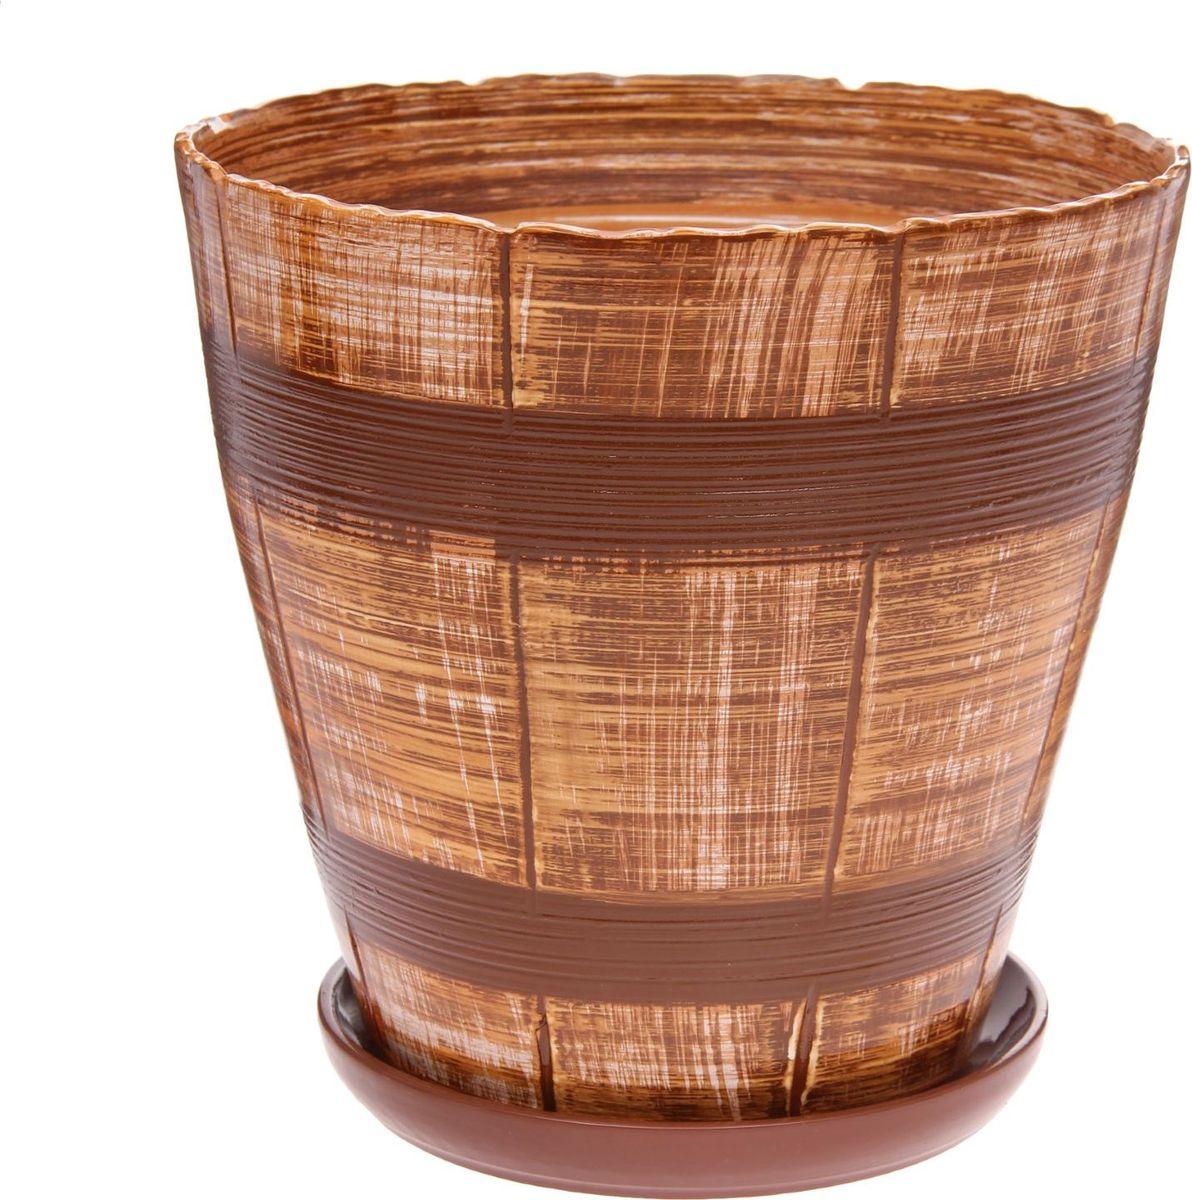 Кашпо Мари, цвет: коричневый, 8,8 л1147363Комнатные растения — всеобщие любимцы. Они радуют глаз, насыщают помещение кислородом и украшают пространство. Каждому из них необходим свой удобный и красивый дом. Кашпо из керамики прекрасно подходят для высадки растений: за счёт пластичности глины и разных способов обработки существует великое множество форм и дизайновпористый материал позволяет испаряться лишней влагевоздух, необходимый для дыхания корней, проникает сквозь керамические стенки! #name# позаботится о зелёном питомце, освежит интерьер и подчеркнёт его стиль.